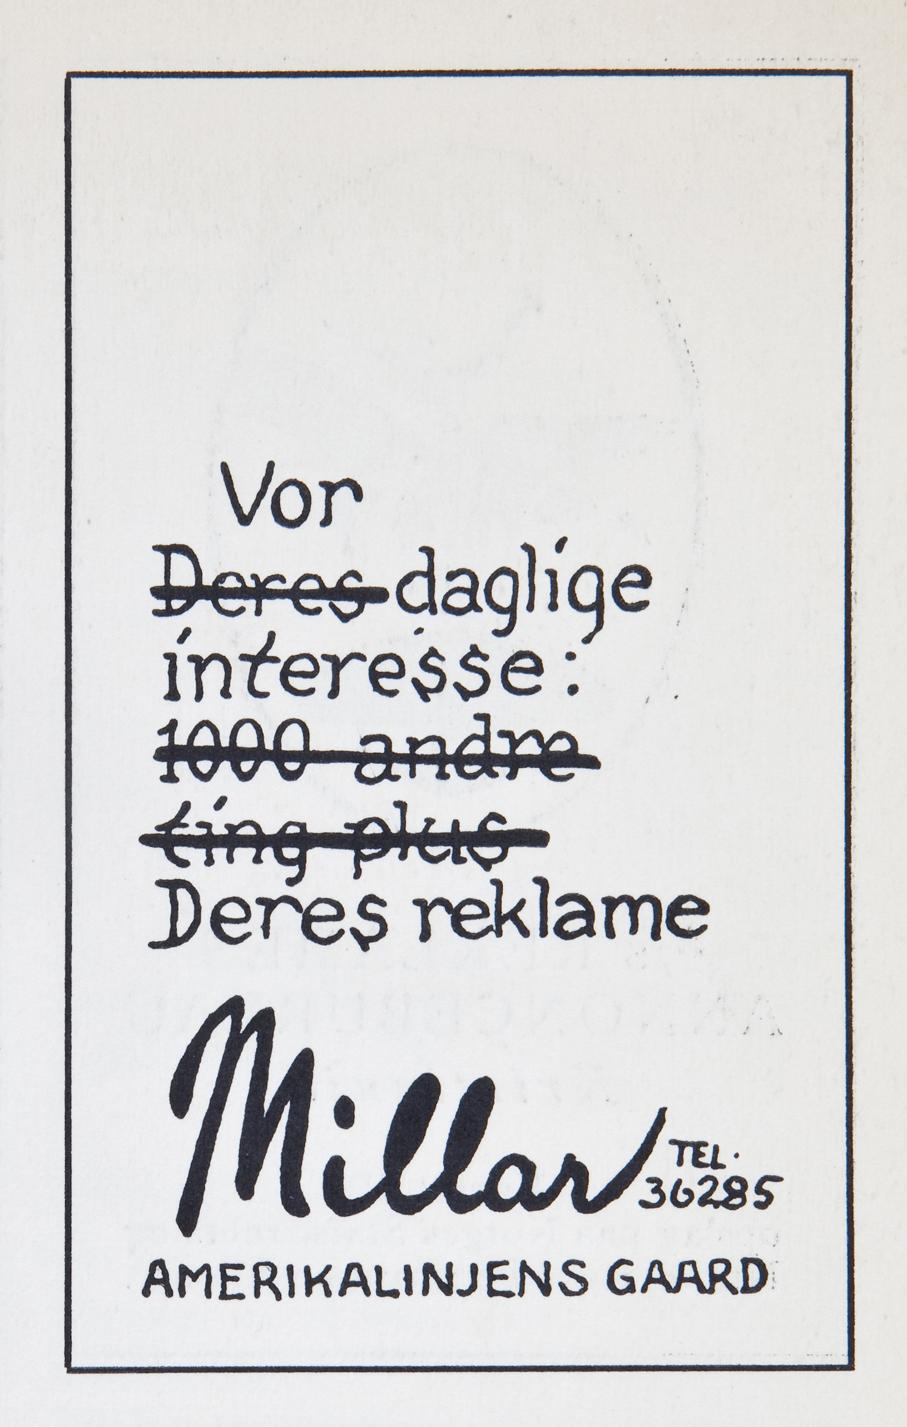 Reklame for Robert Millar og hans firma i Amerikalinjens Gaard i Kristiania i 1922. Overstrykningen i teksten ble nok utført for å illustrere at en slogan skal være kort og slagferdig, og helst ikke innholde mer enn fem ord.